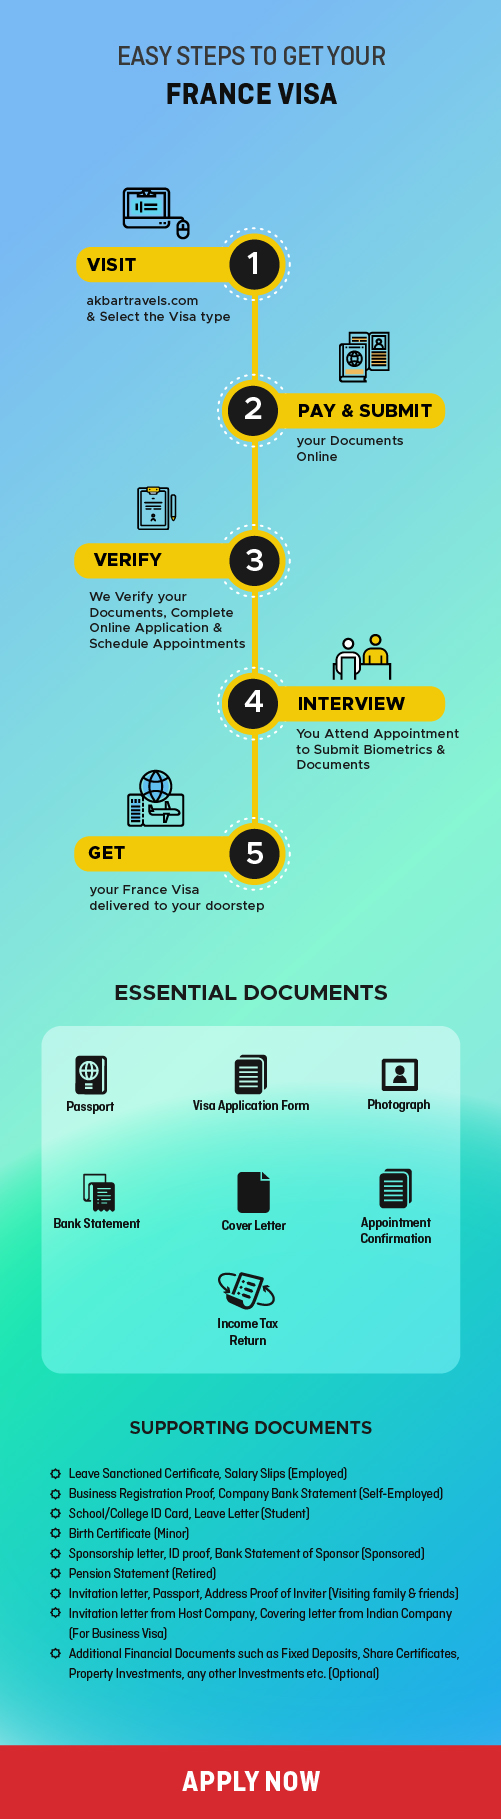 Steps to get France Visa